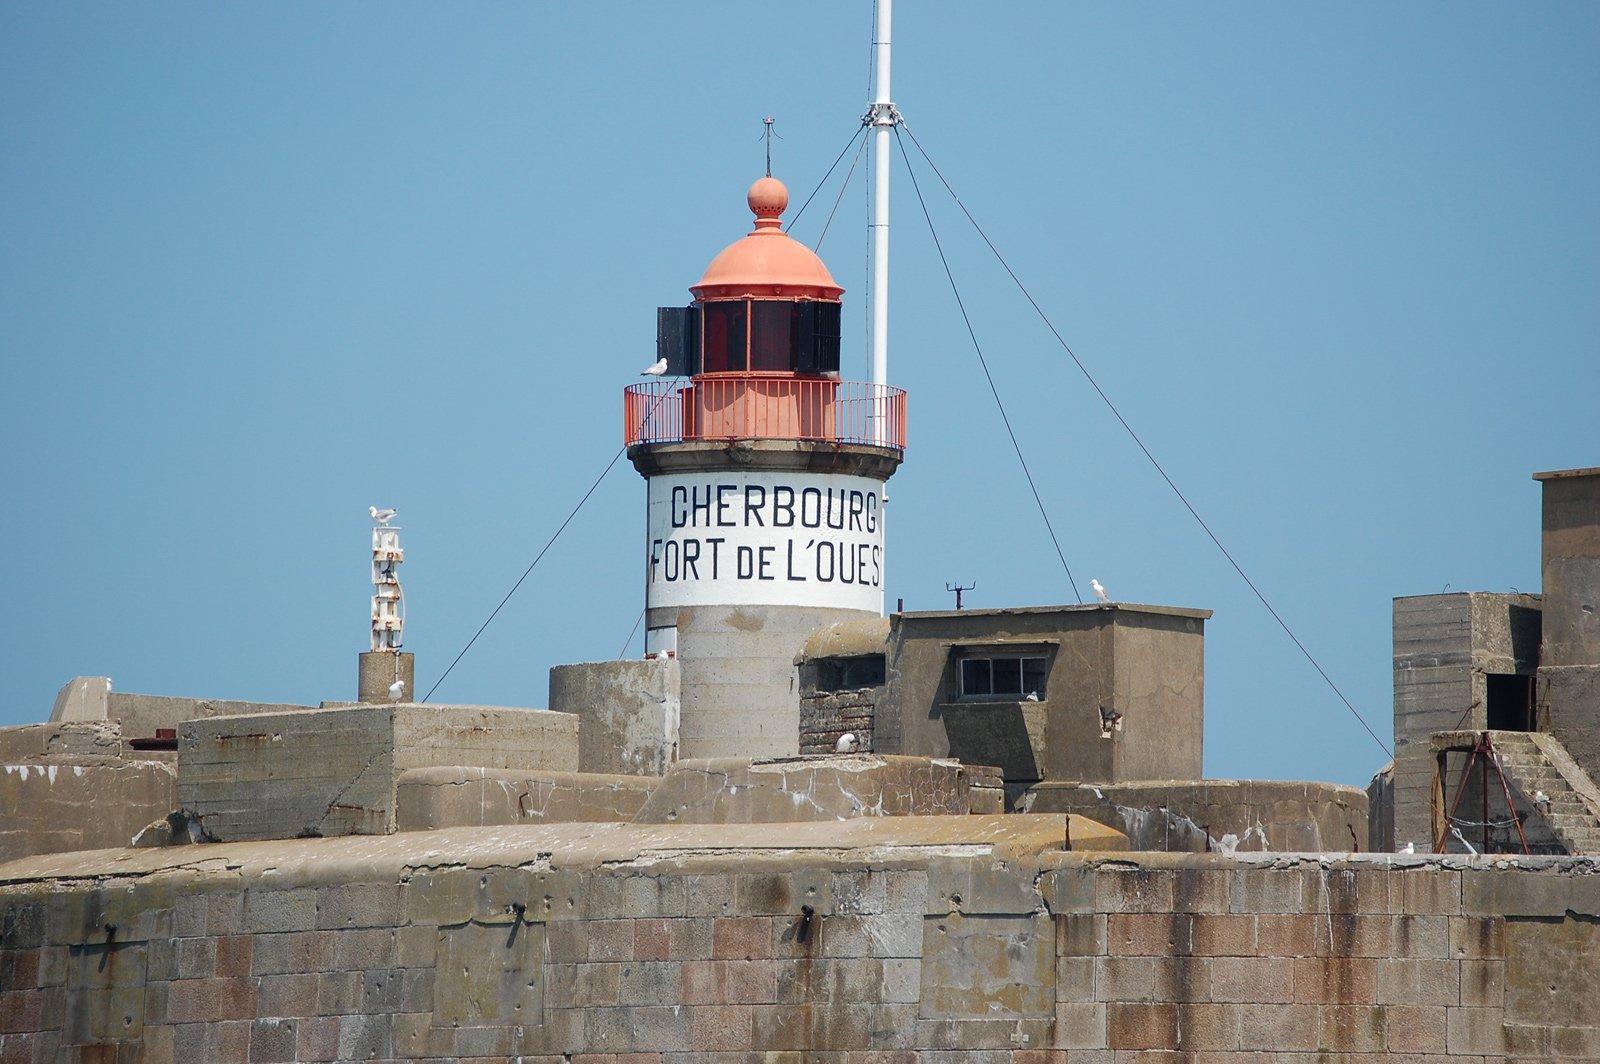 Fort de l'Ouest Rade de Cherbourg